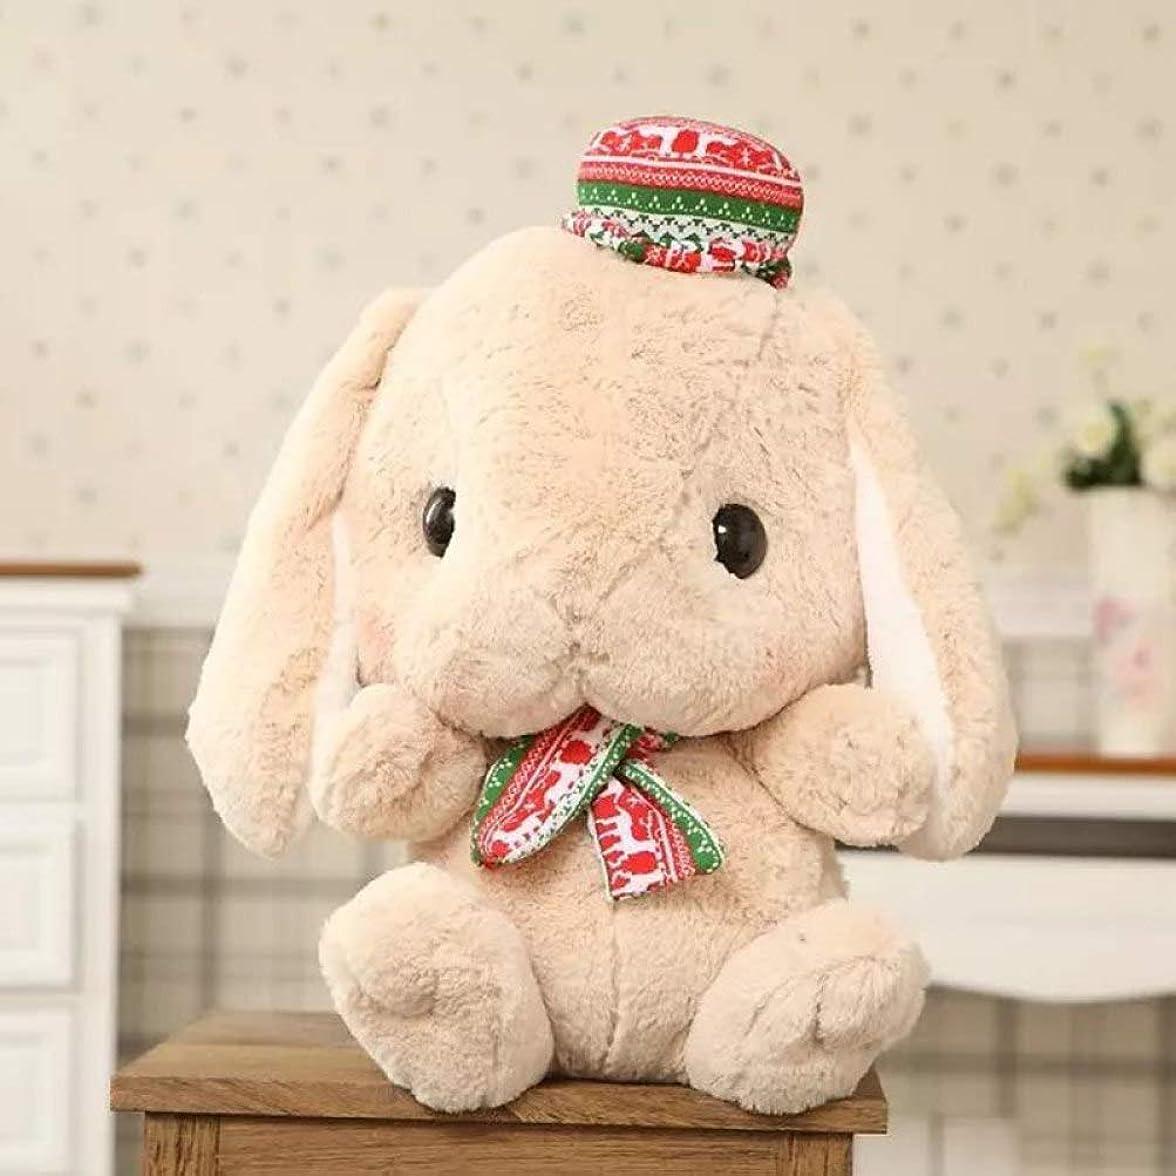 支店素晴らしさ拒否うさぎ ぬいぐるみ  抱き枕 可愛い 動物 ふわふわ 40cm もちもち 洗える 人気 お人形 女の子 男の子 子供 お祝い おもちゃ クリスマス 店飾り 置物 プレゼント